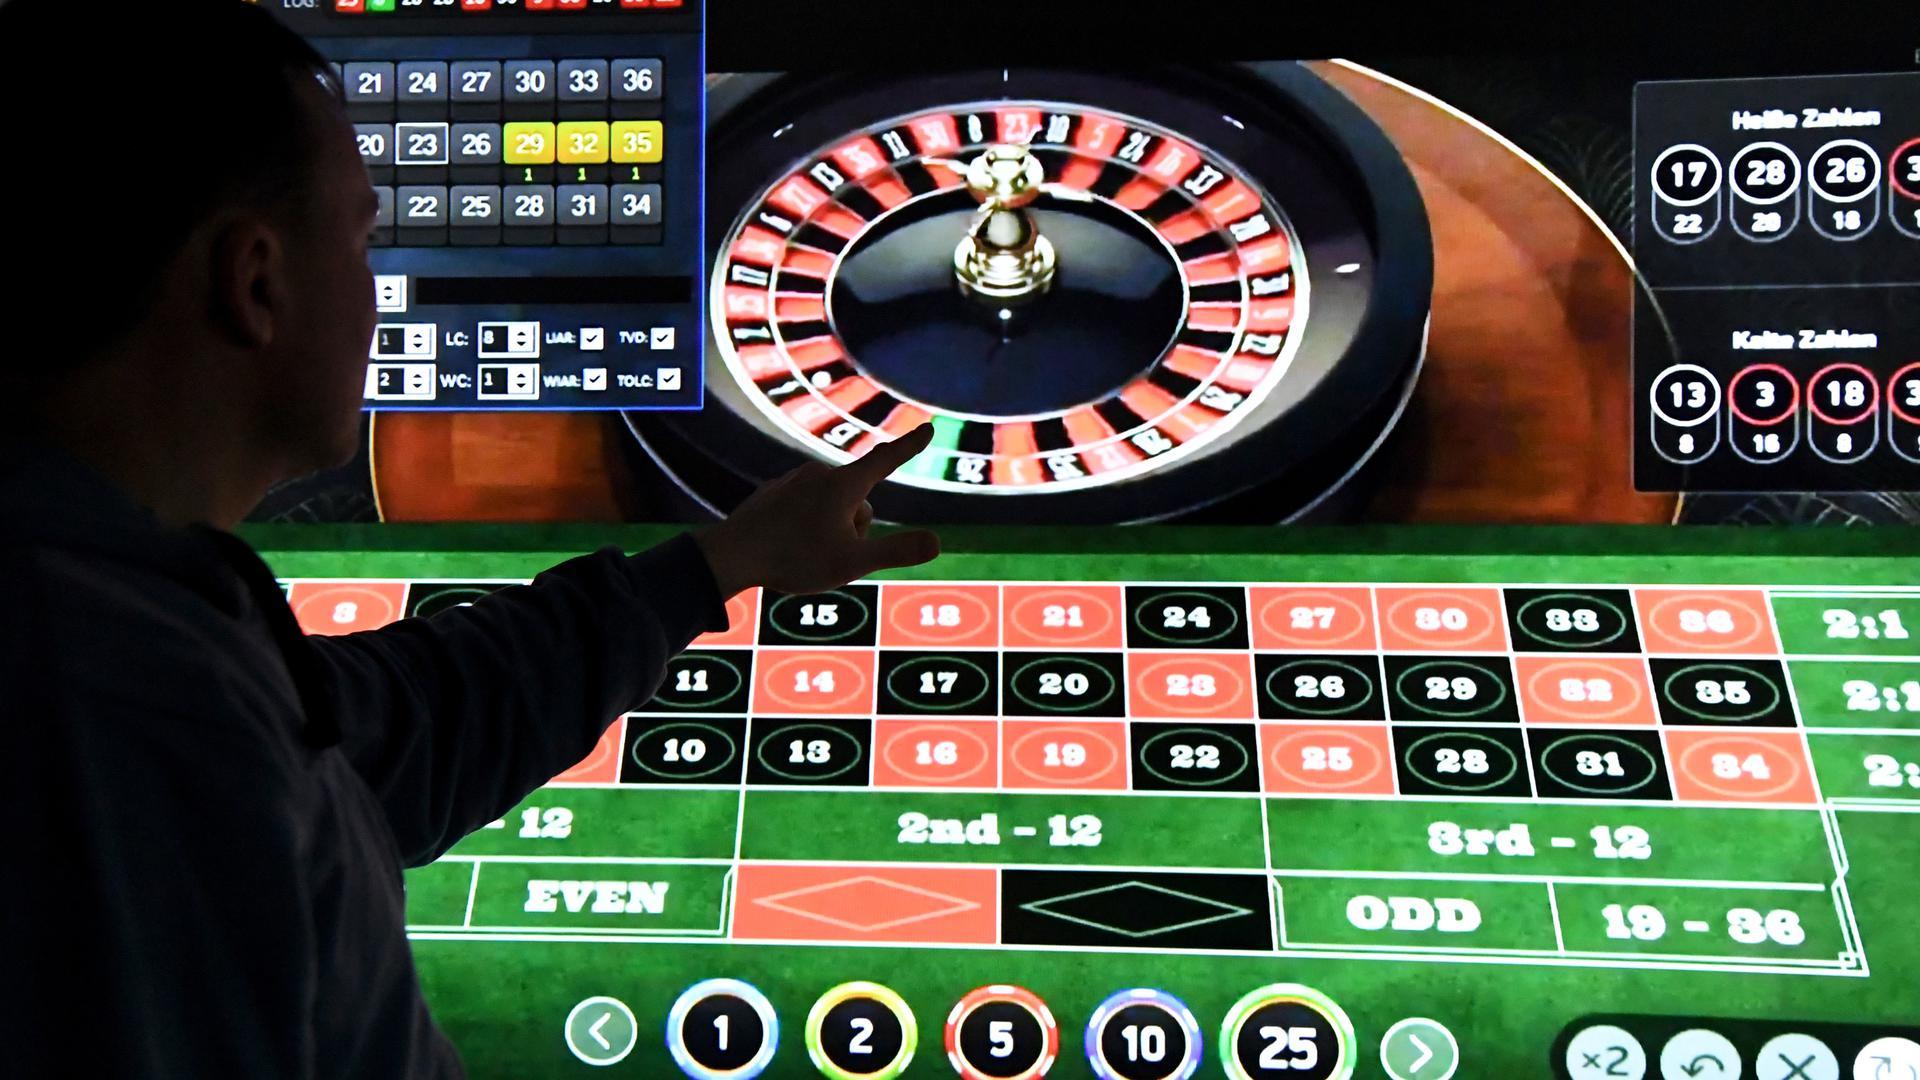 Seorang pria berdiri di depan layar dengan halaman untuk roulette online.